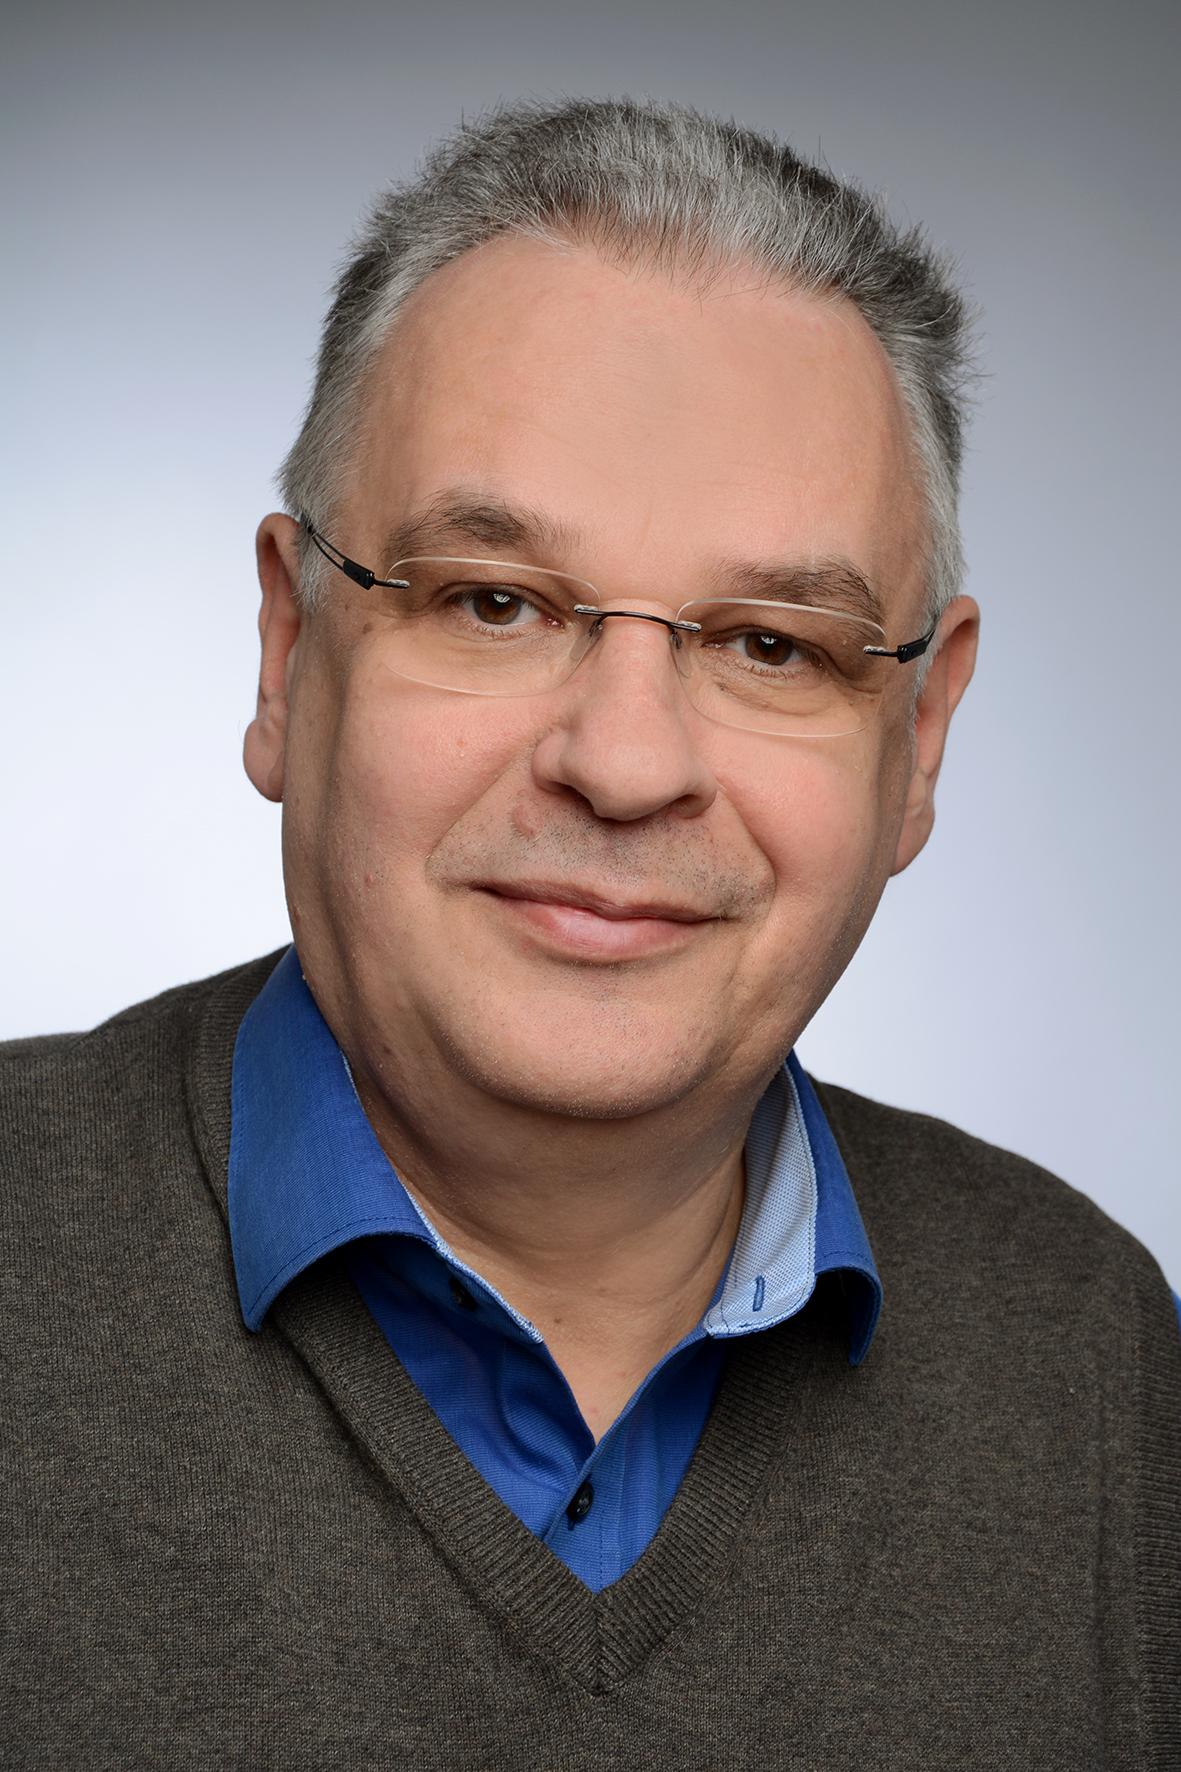 Holger Hein